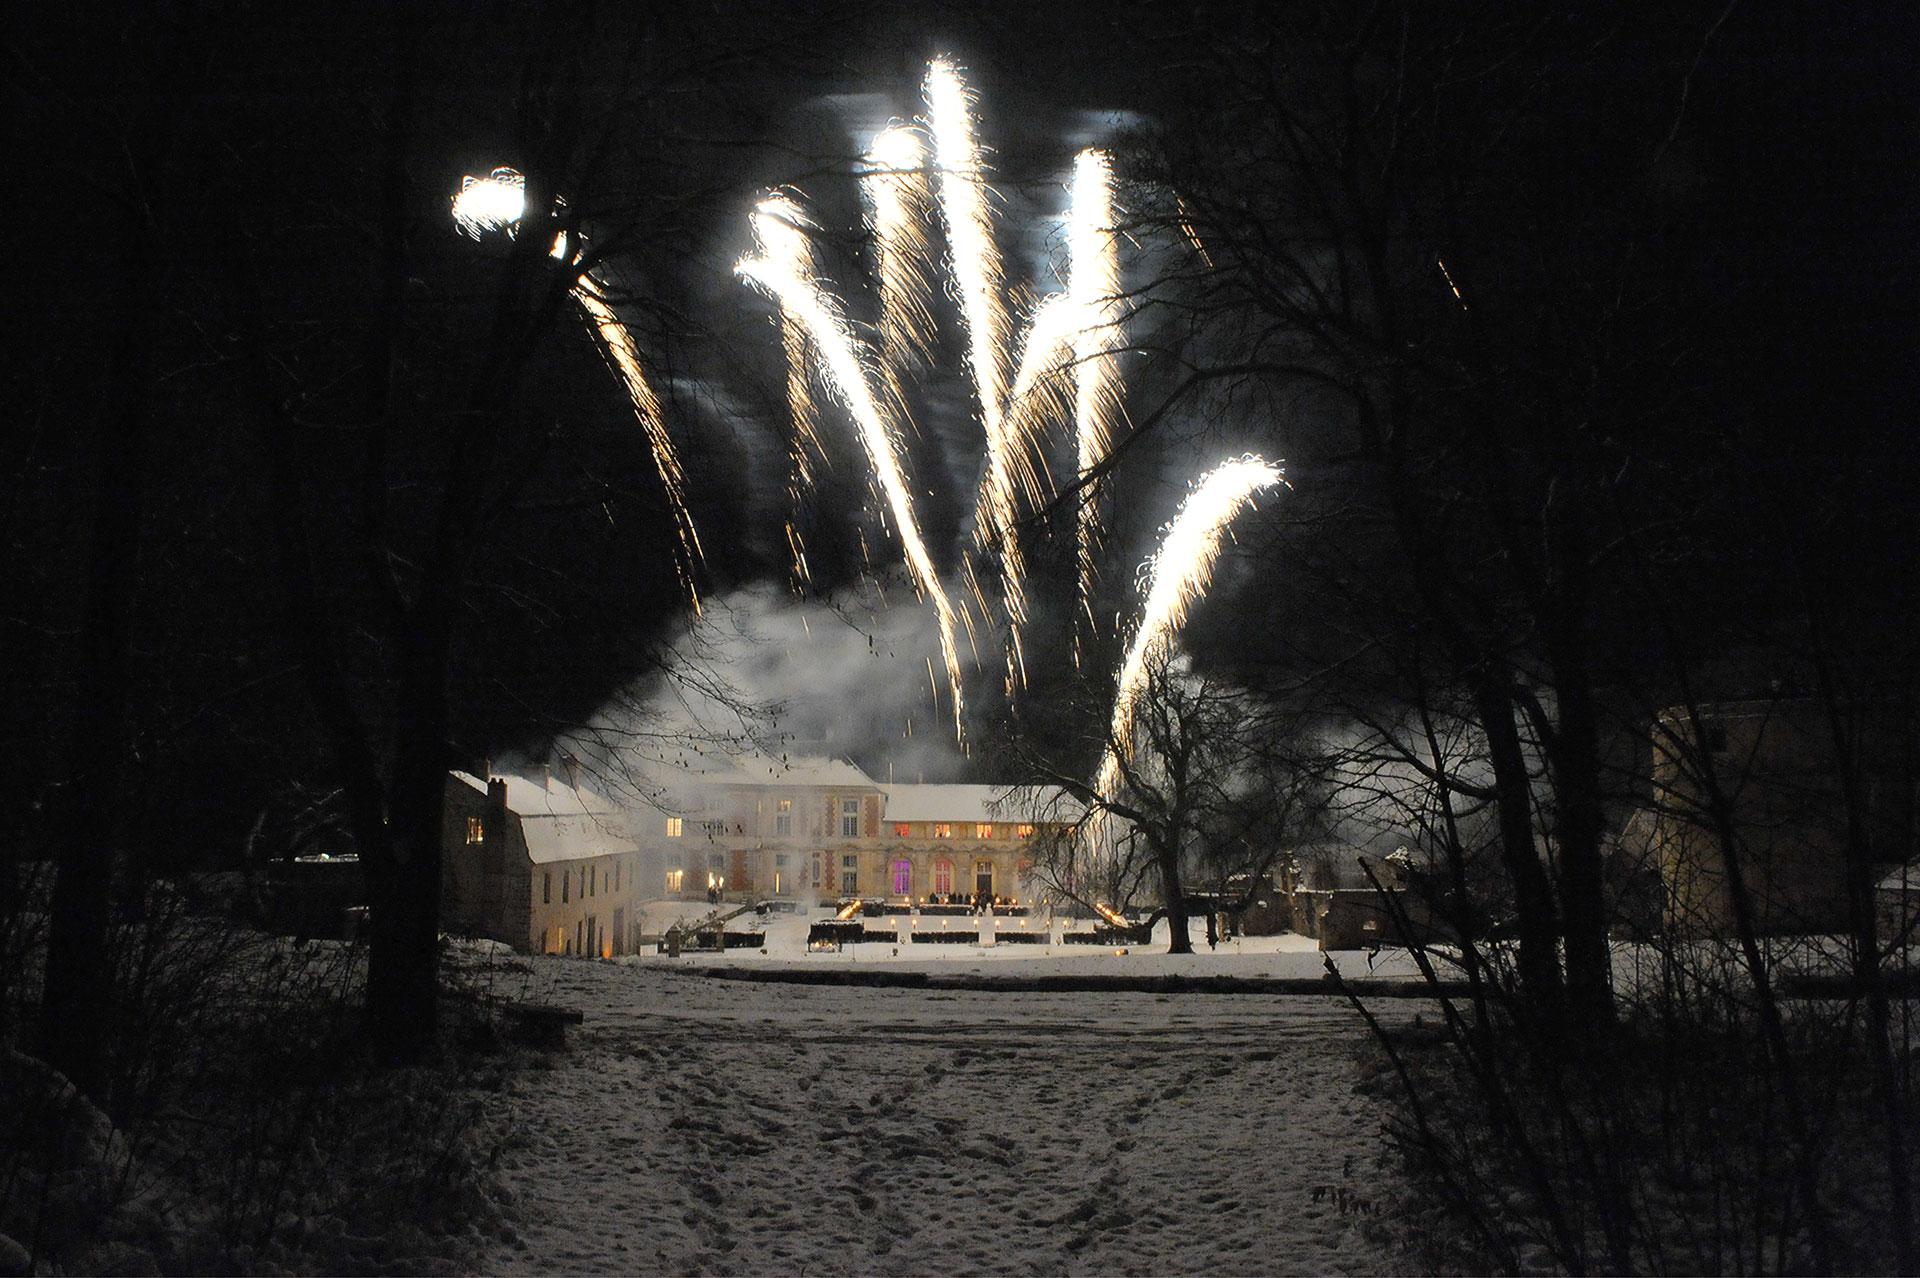 dans le parc du château, les artifices en hiver pendant un mariage